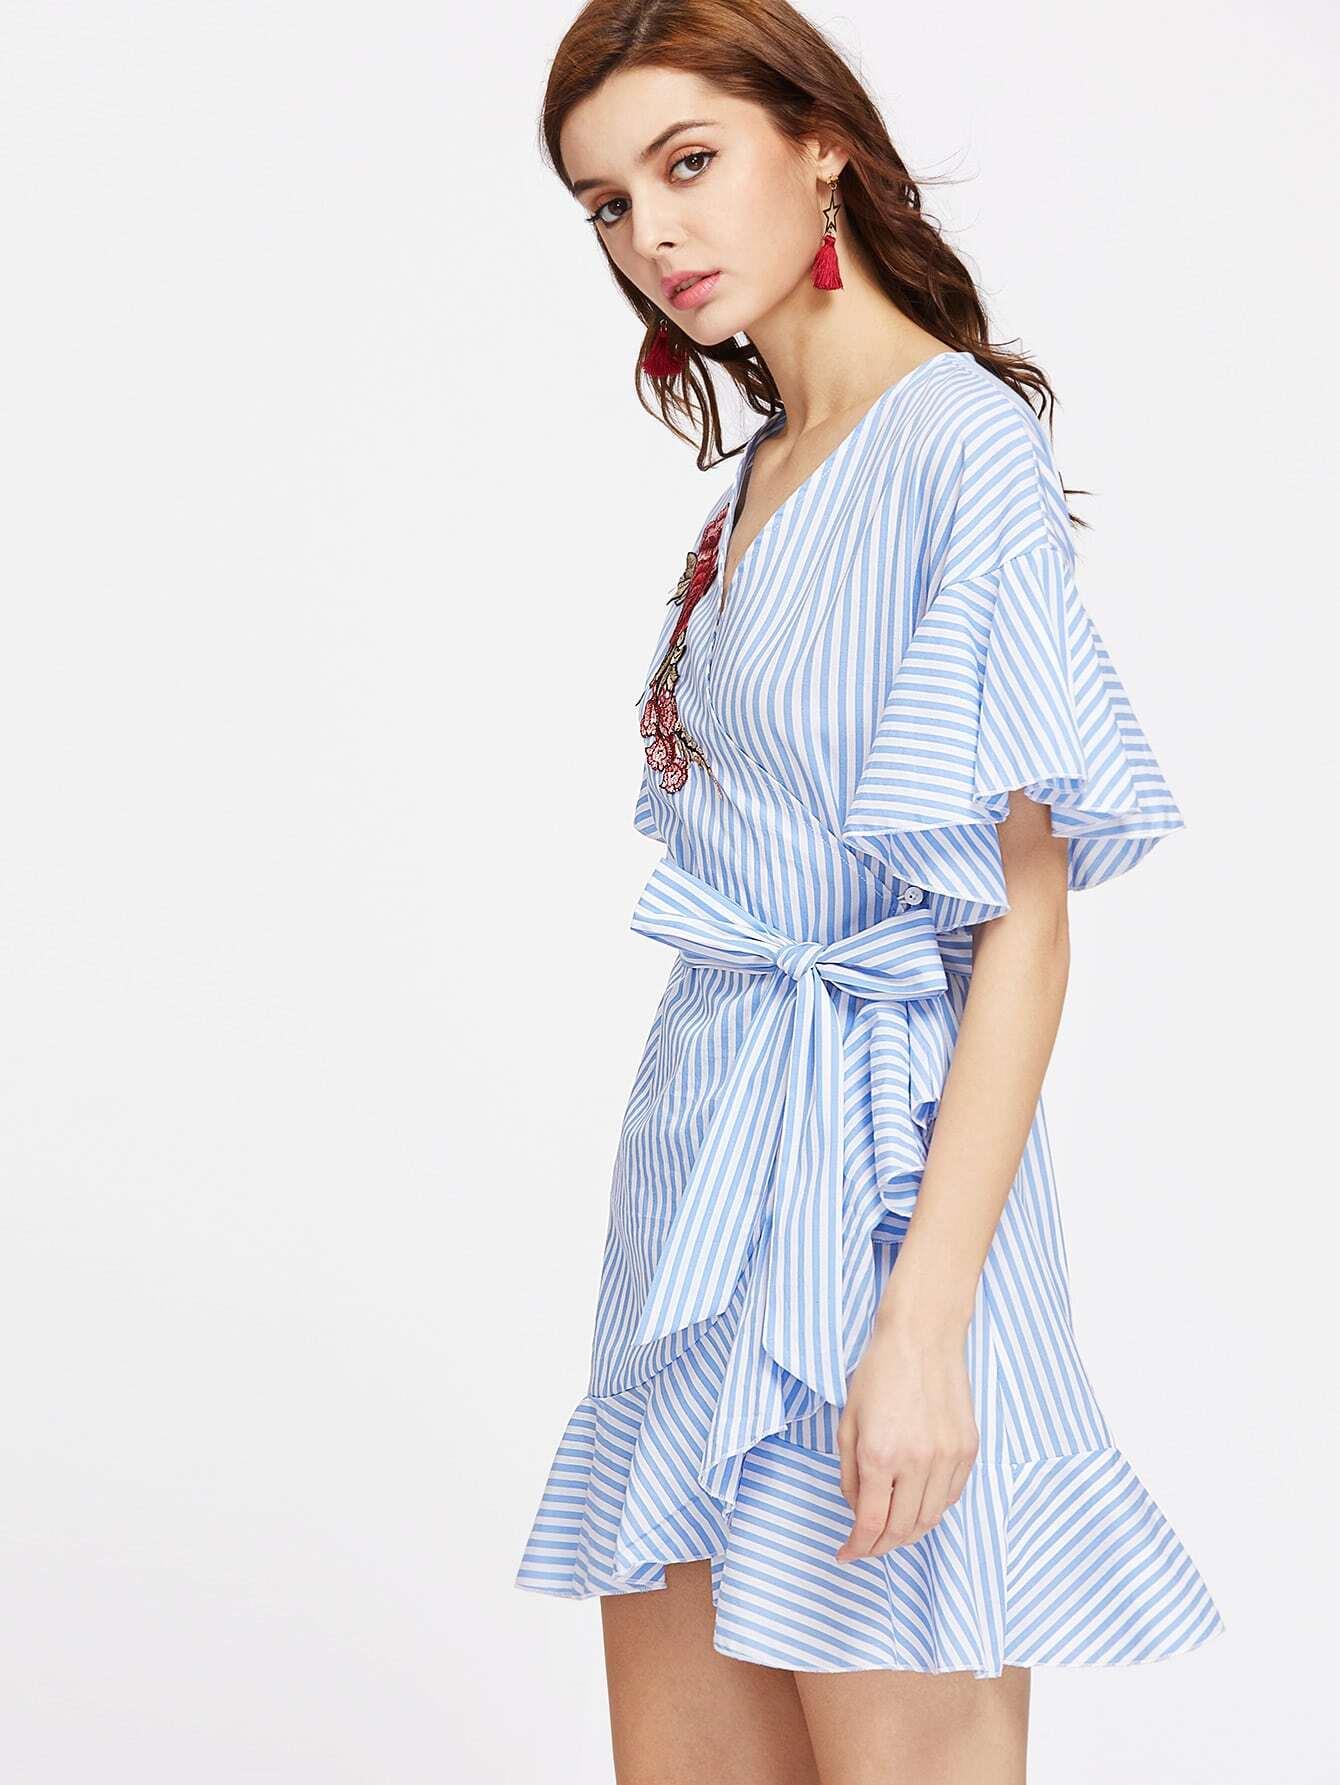 dress170405451_2